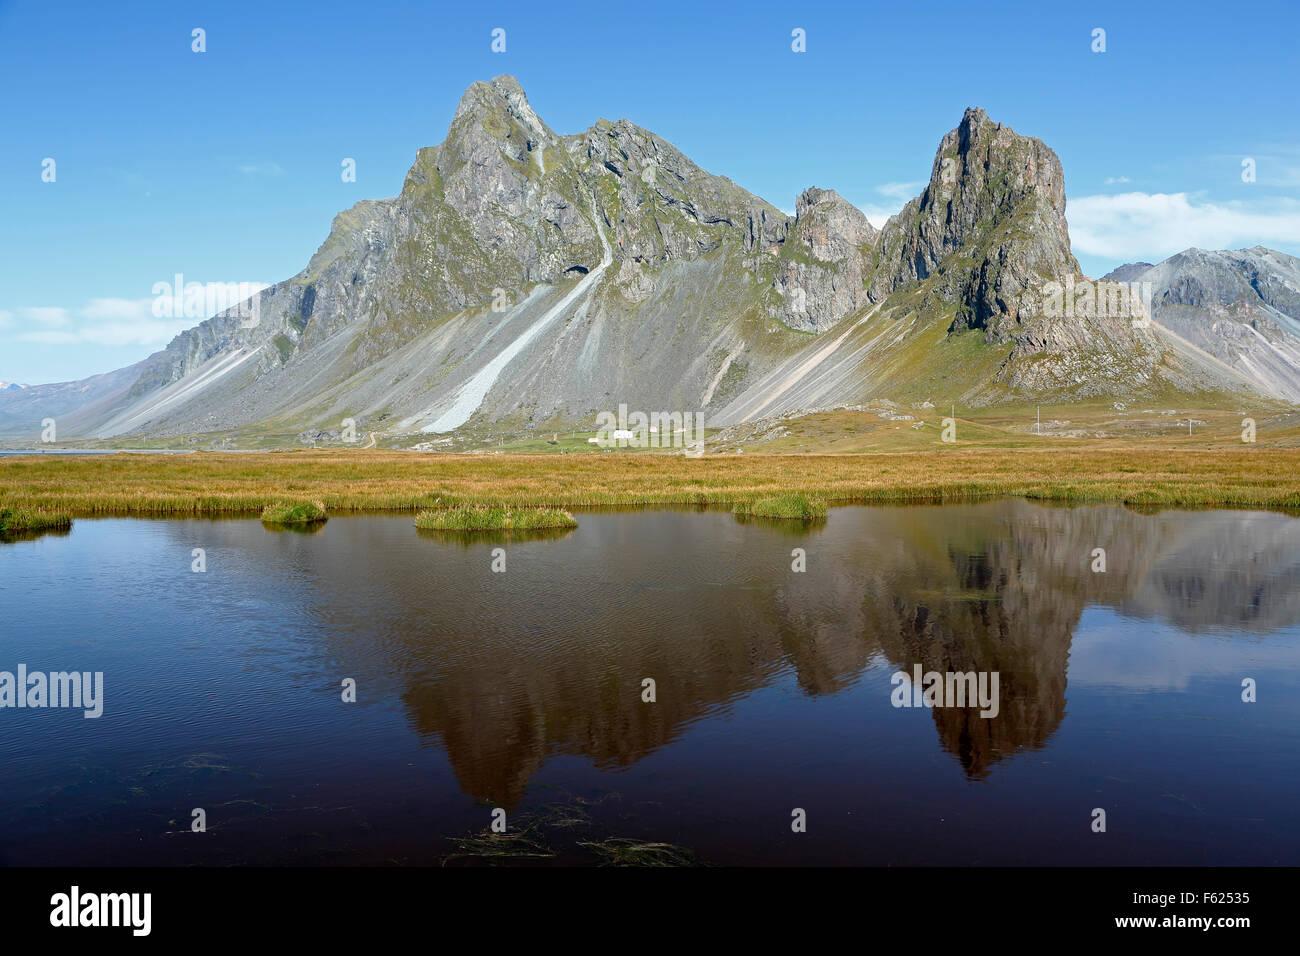 Vikurfjall Berg spiegelt sich am Teich in der Nähe von Hvalnes Nature Reserve, Island Stockbild